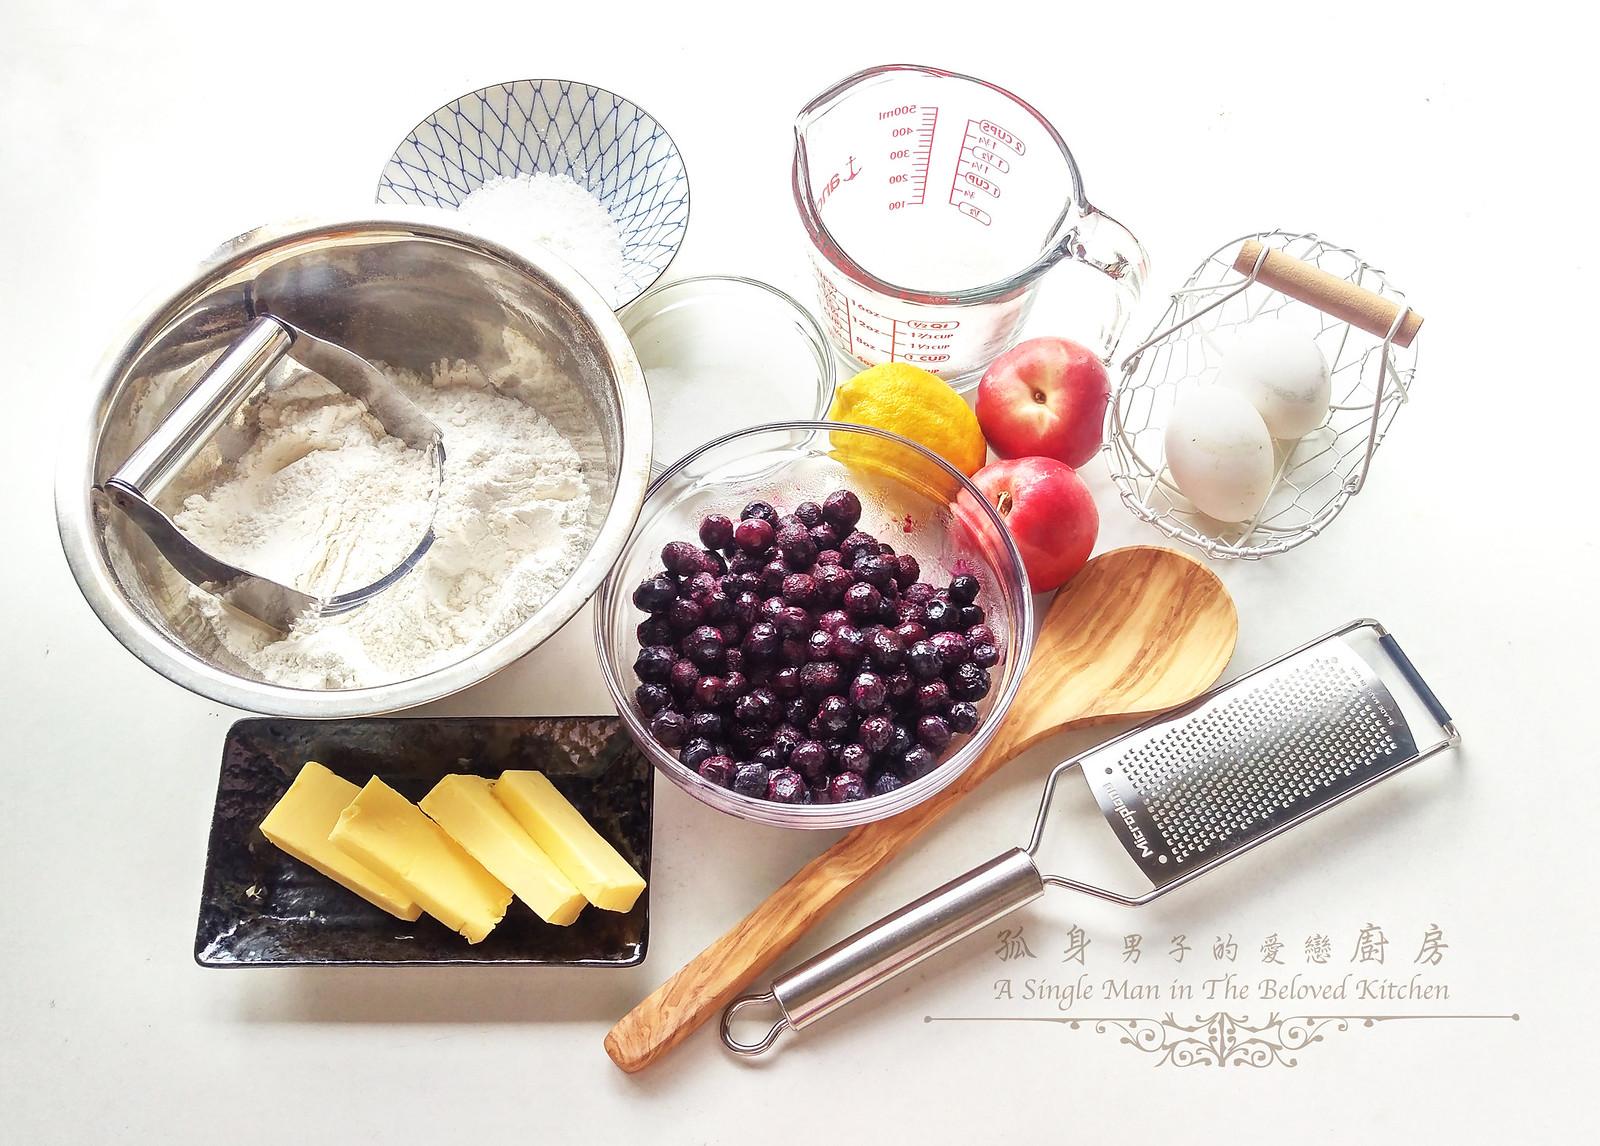 孤身廚房-藍莓甜桃法式烘餅Blueberry-Nectarin Galette1